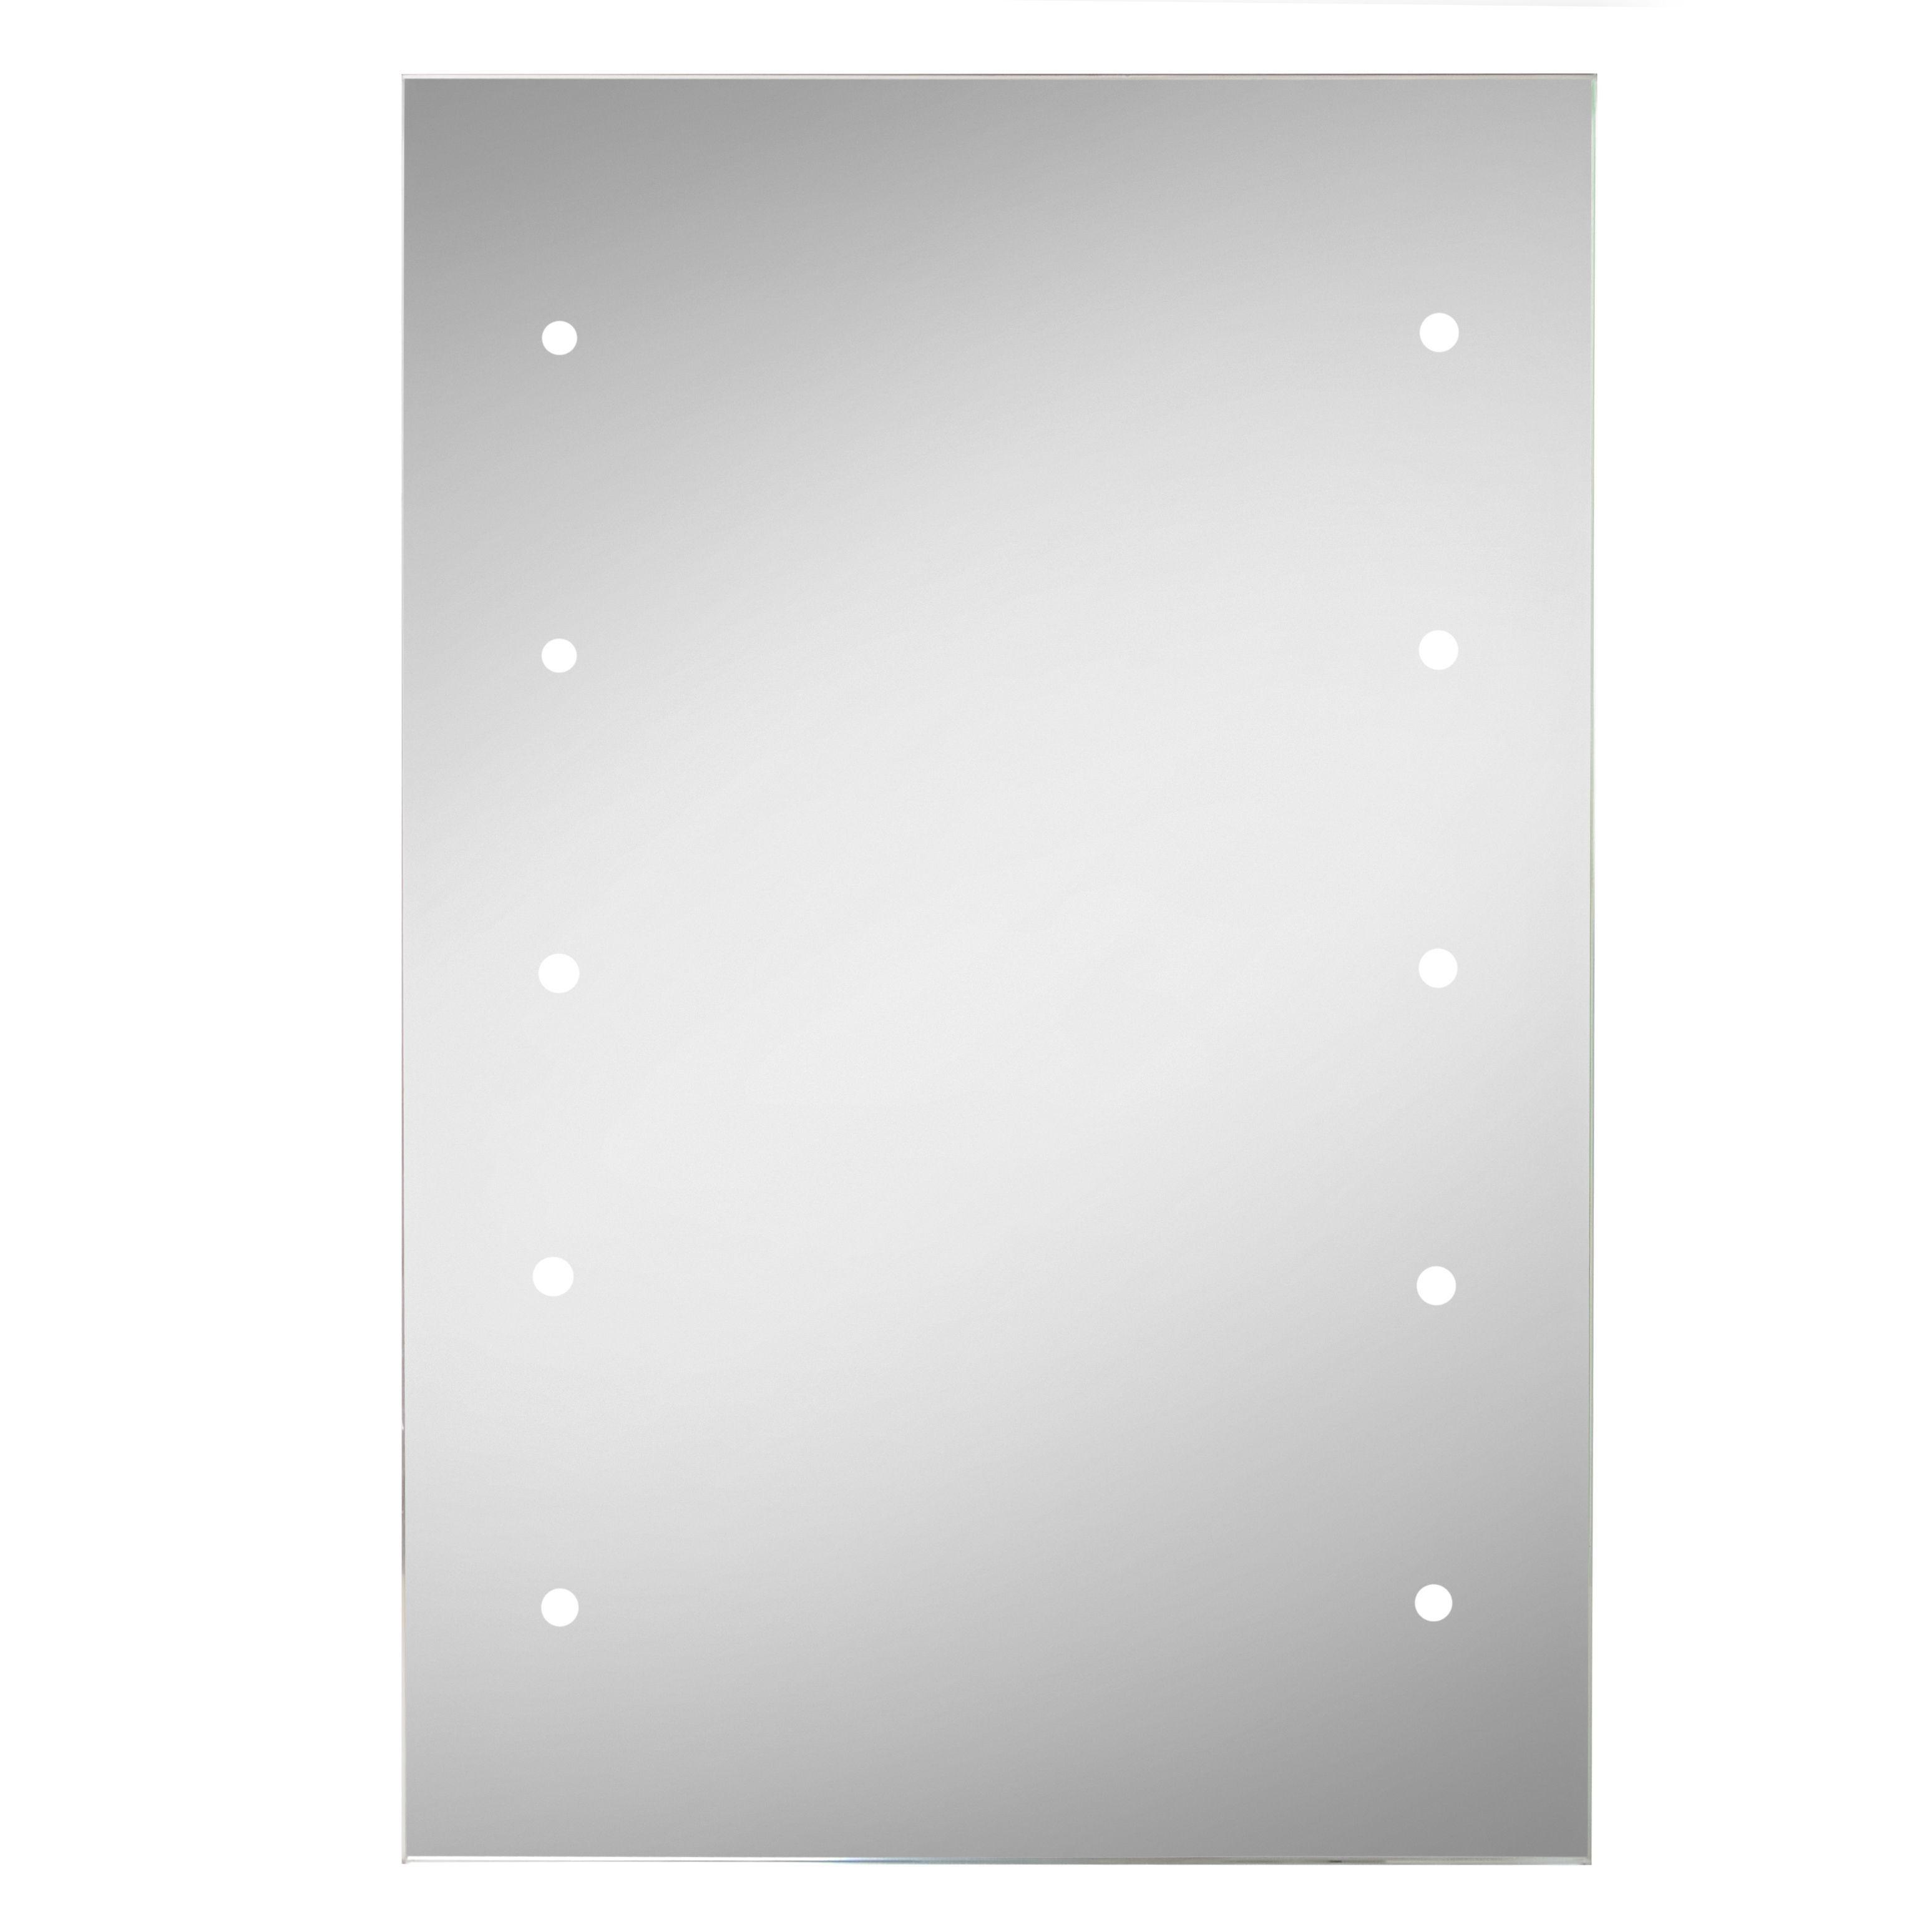 Lumino Lesto Illuminated Bathroom Rectangular Battery Powered Mirror (w)300mm (h)450mm